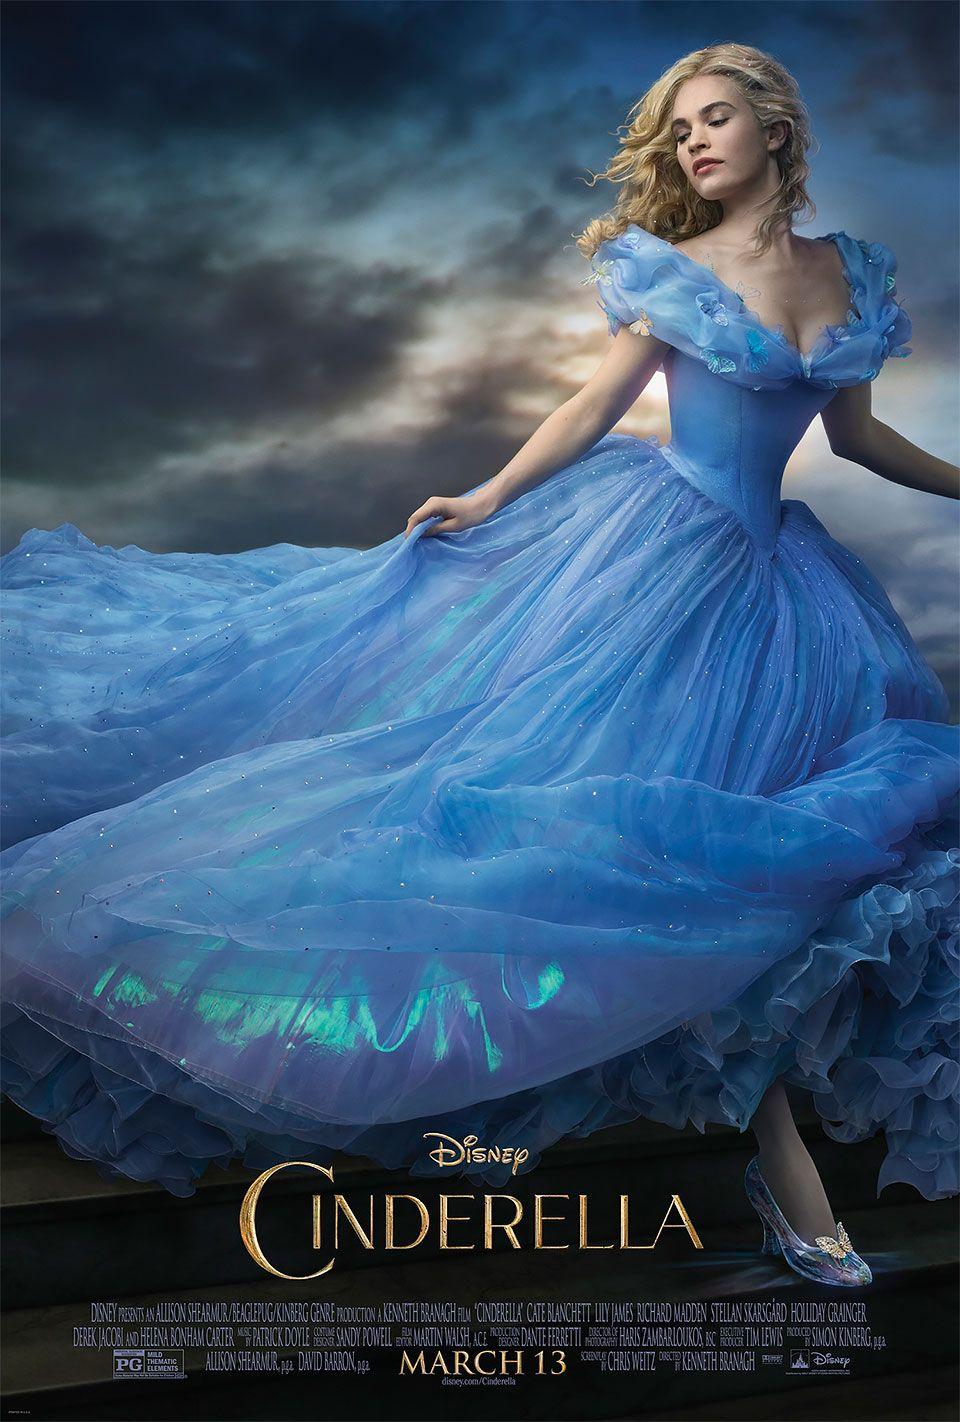 Download Filme Cinderela 2015 Dublado Filme Cinderela 2015 Cinderela Filme Filmes